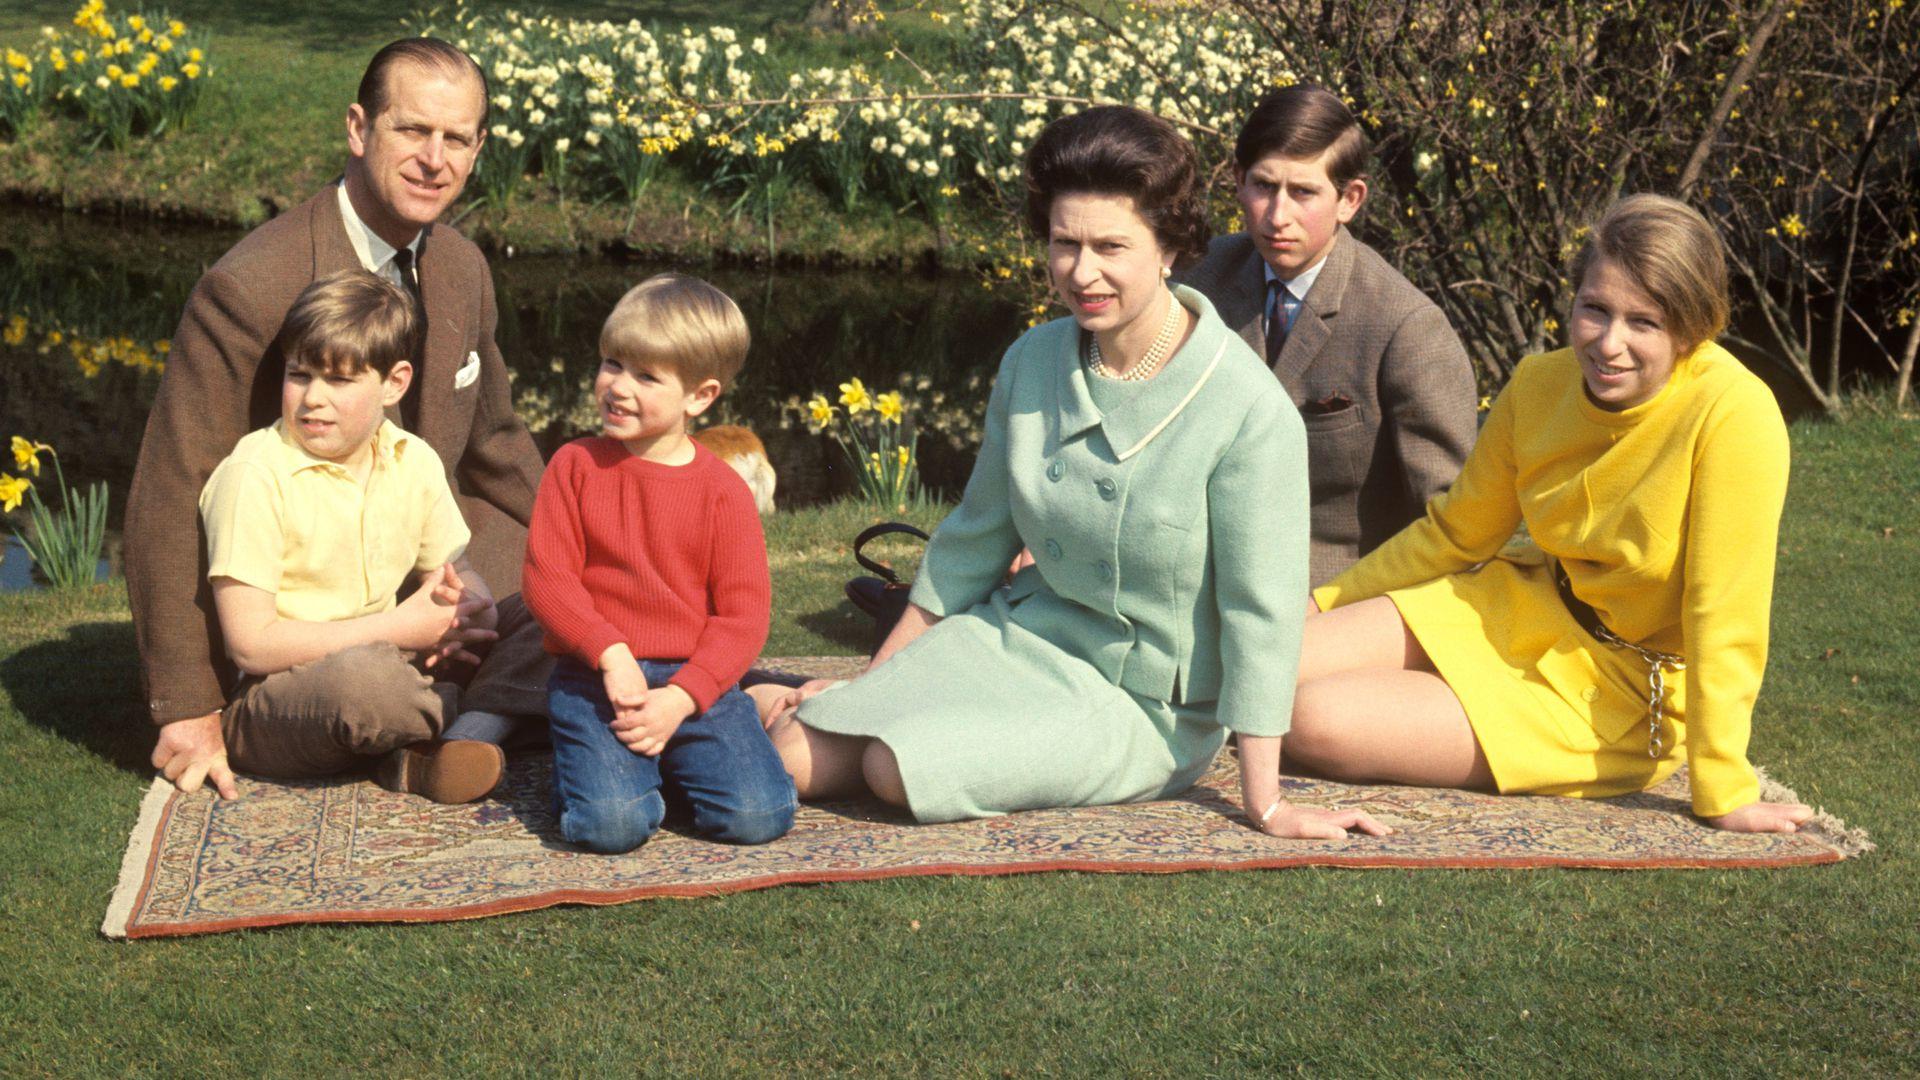 71 Hochzeitstag Elizabeth Ii Musste Um Philip Kämpfen